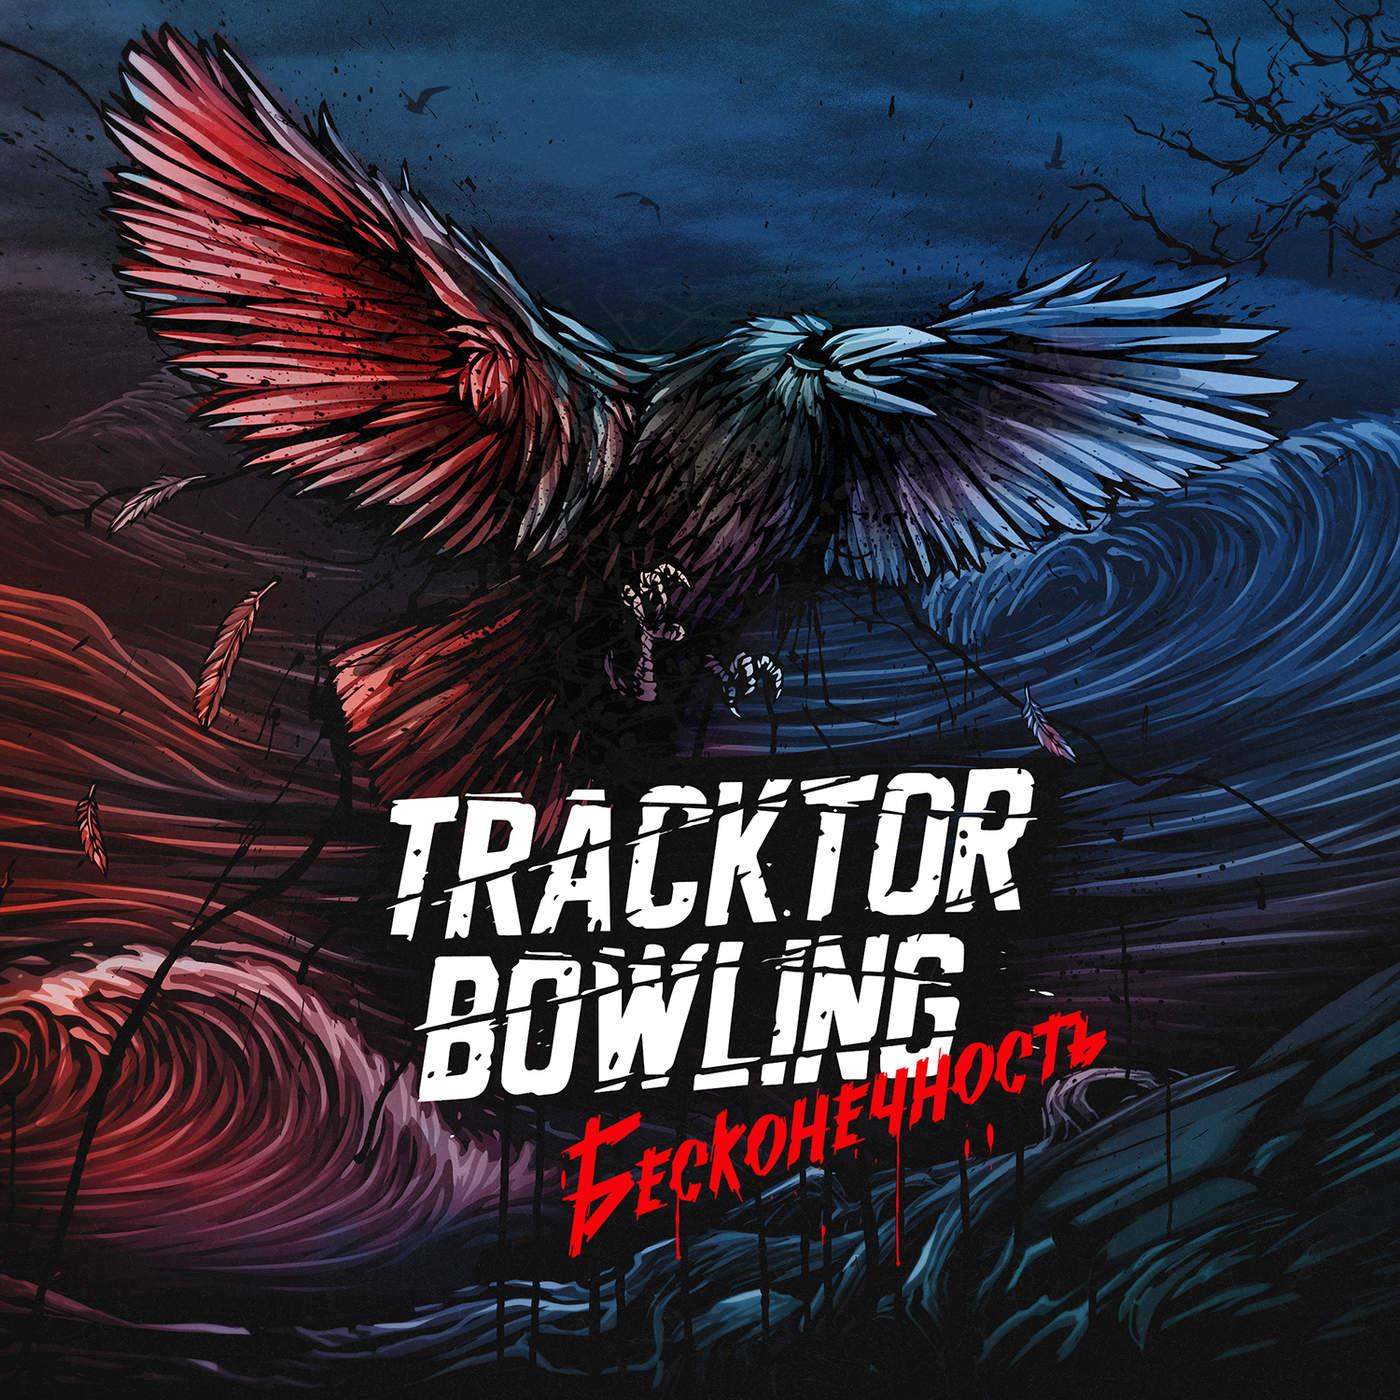 Tracktor Bowling - Бесконечность